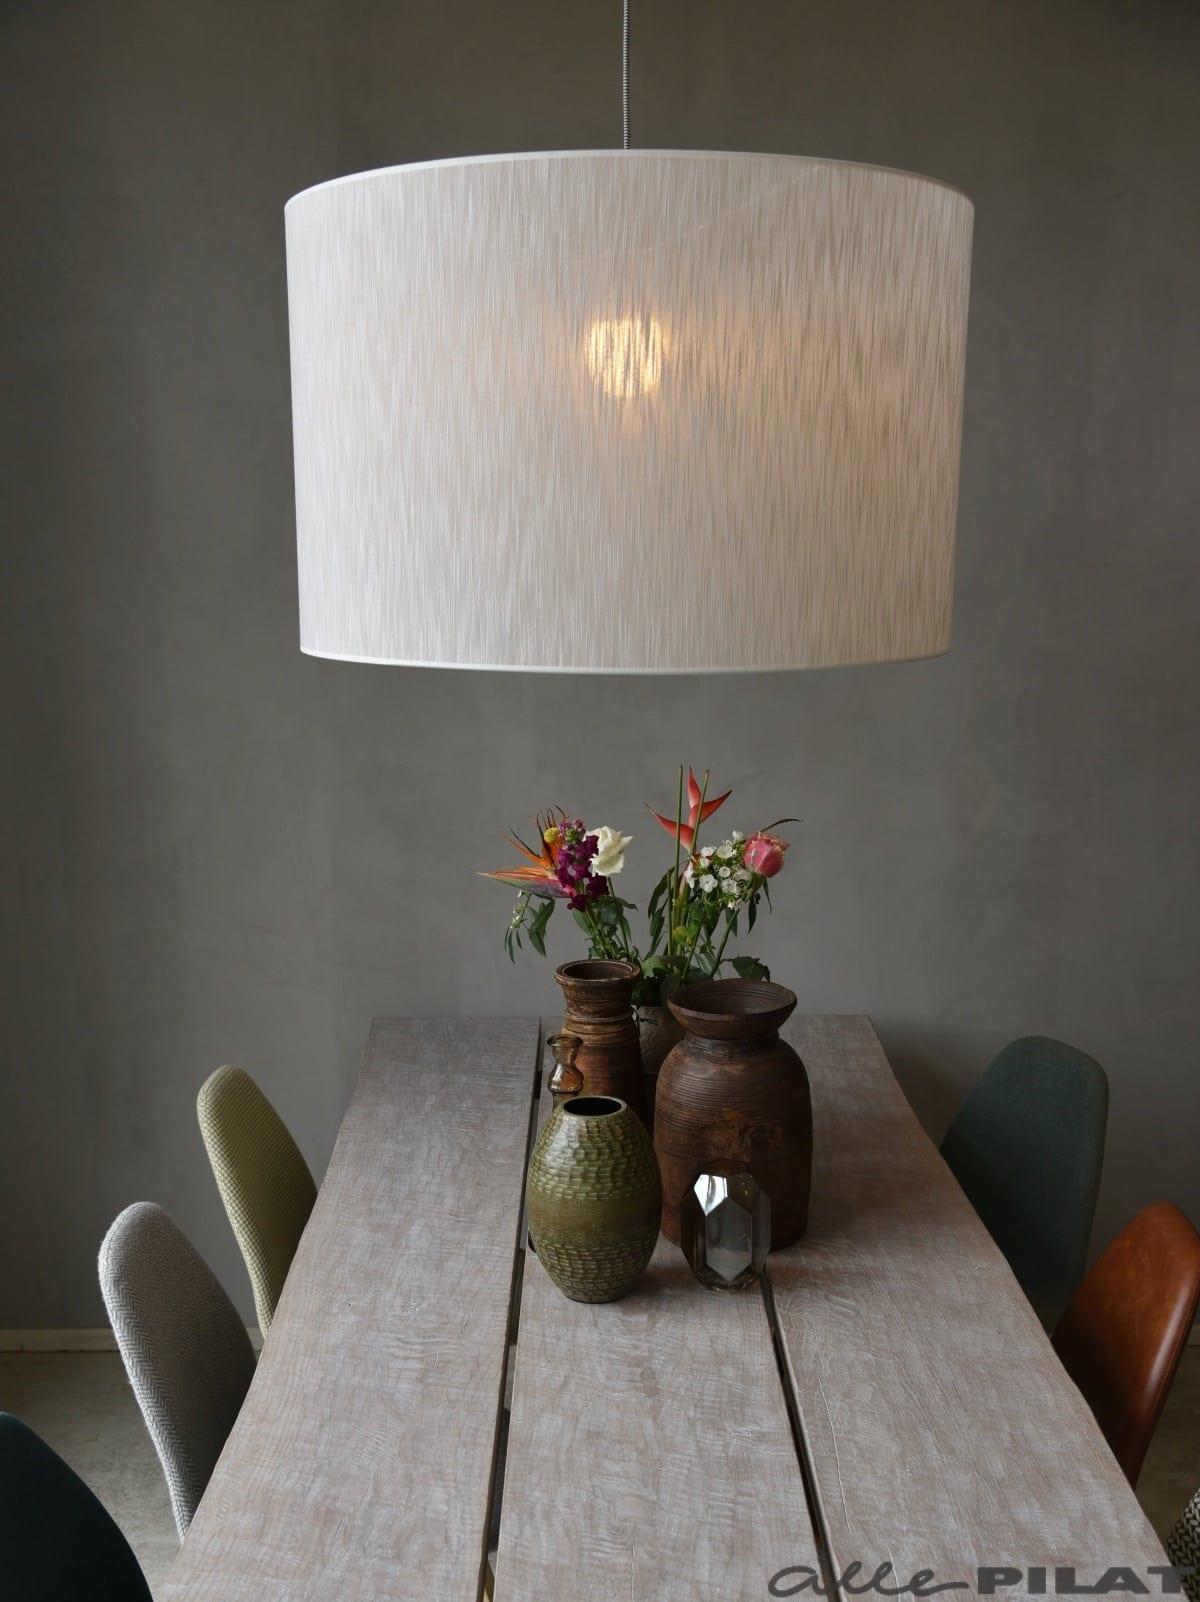 Top Grote ronde hanglamp Cil heeft een witte kap - Woonwinkel Alle Pilat GQ49